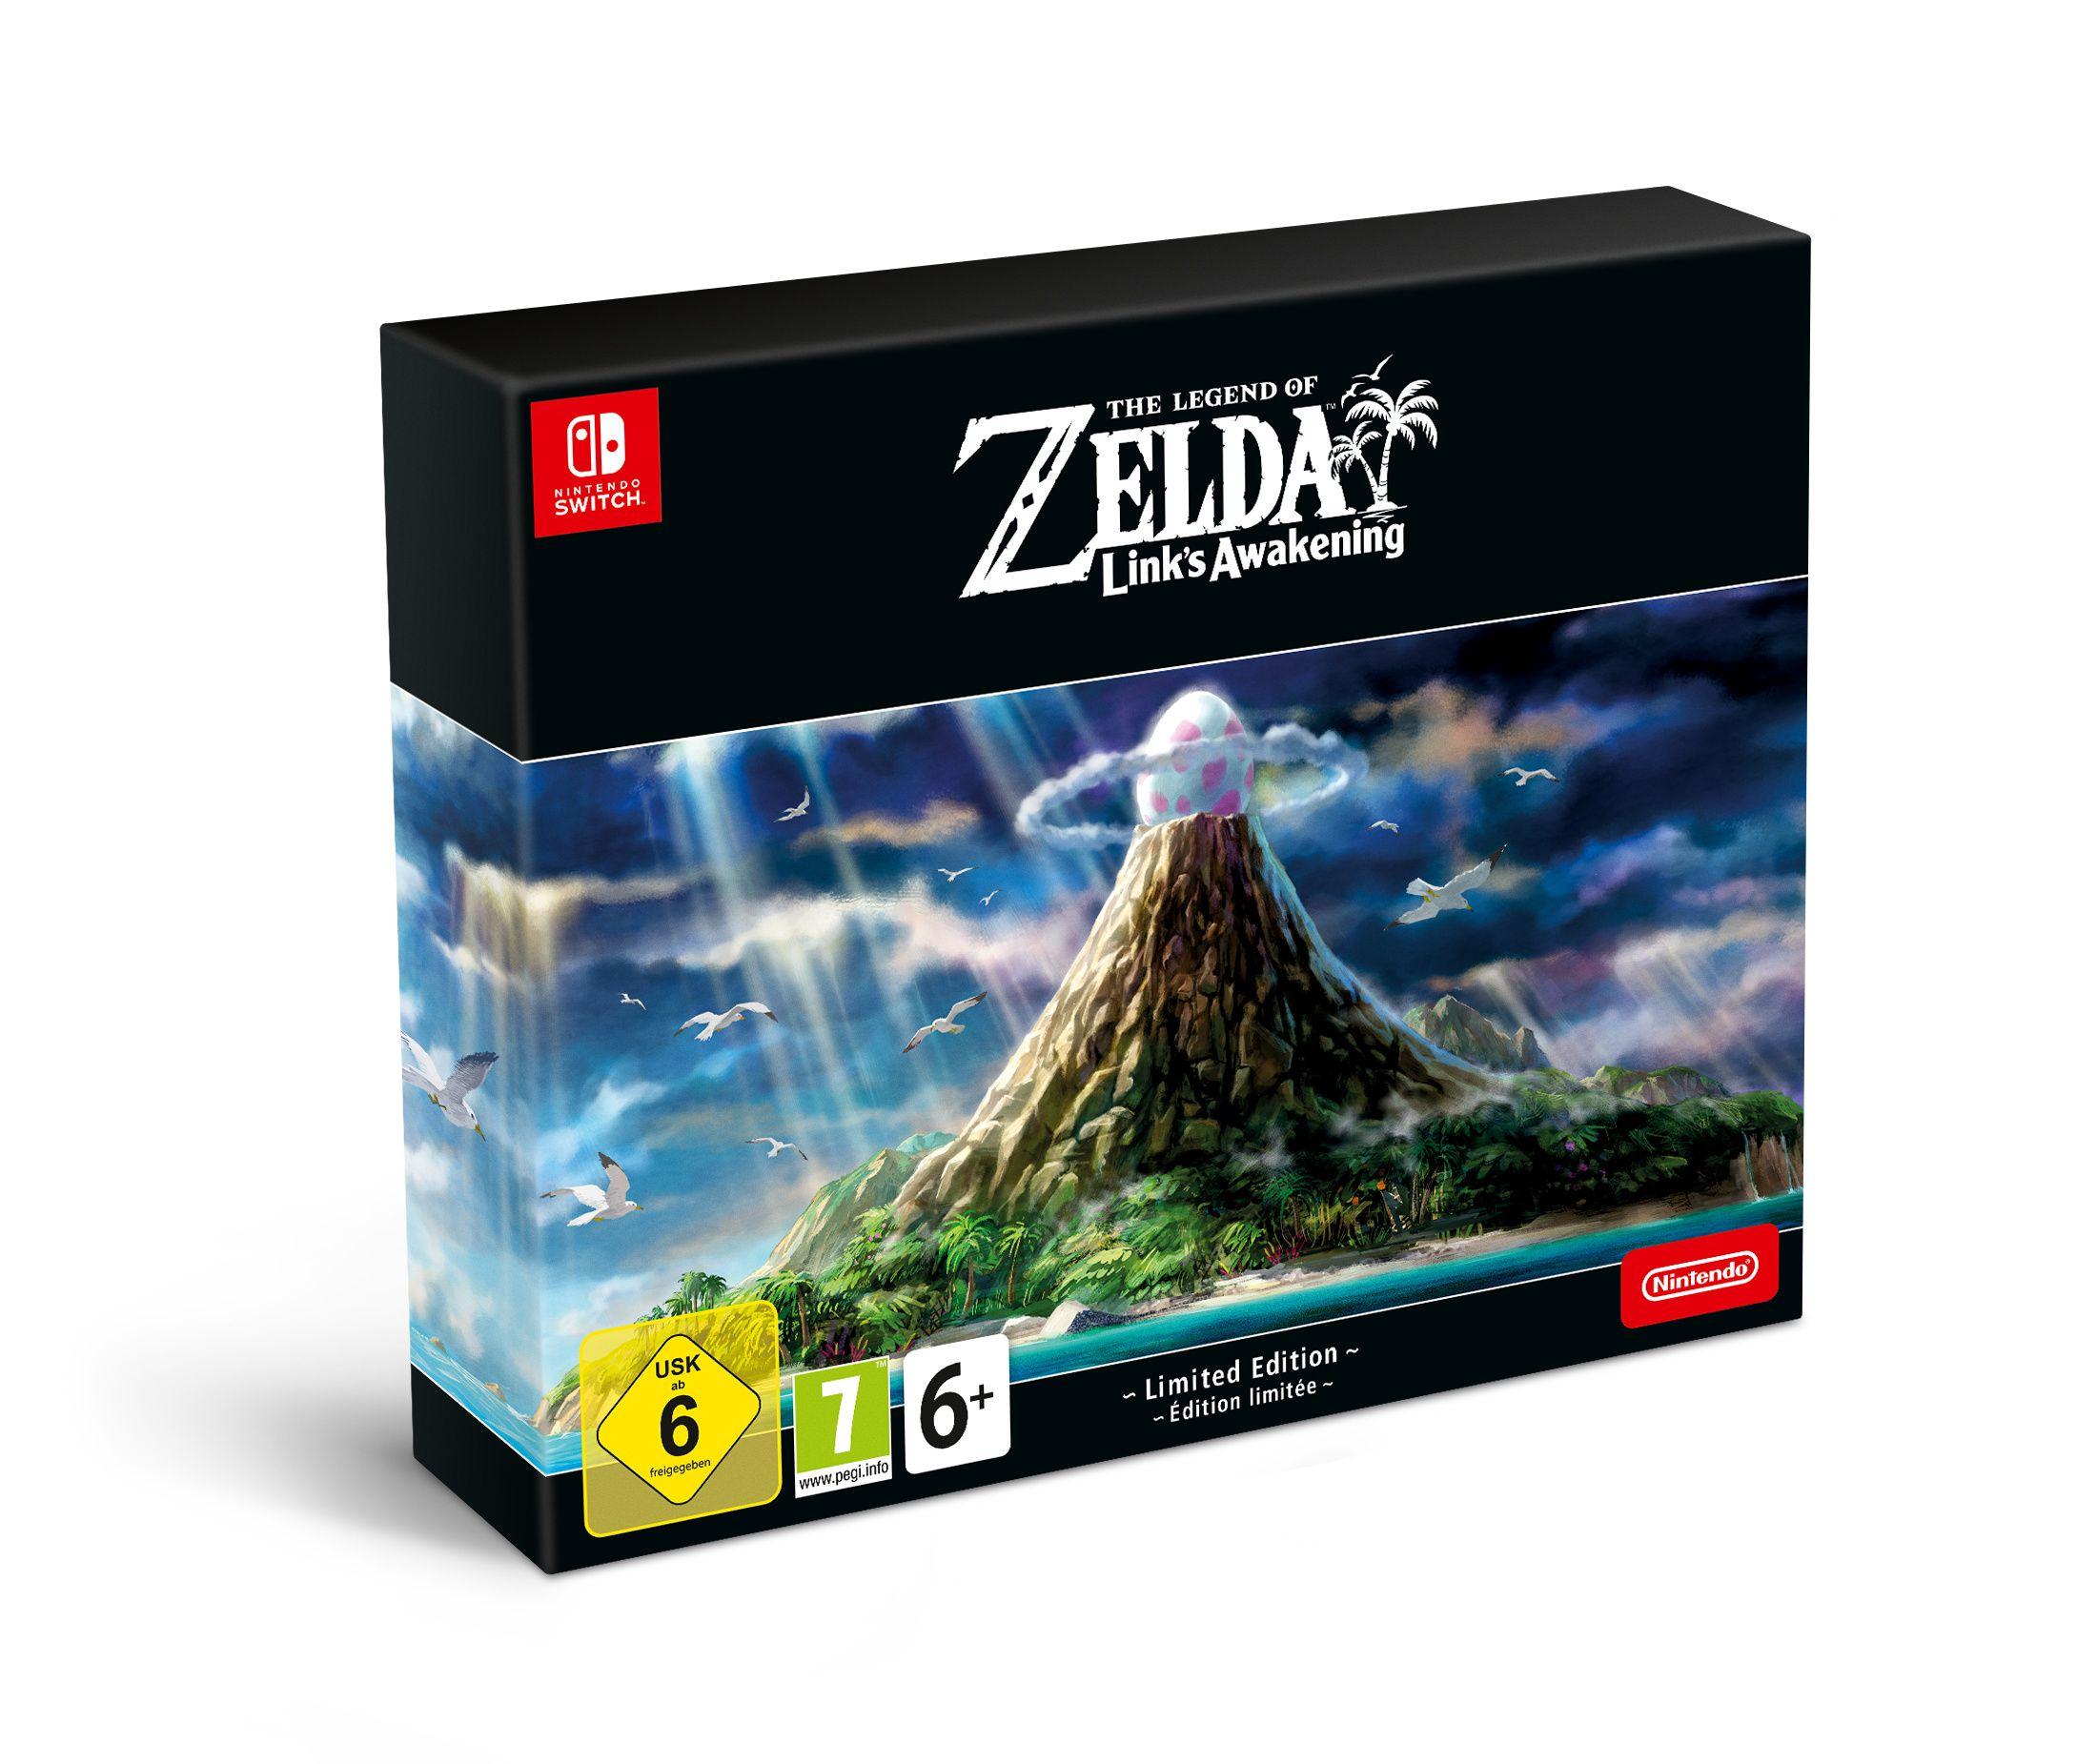 [Real Online] Zelda Link's Awakening Limited Edition für Nintendo Switch